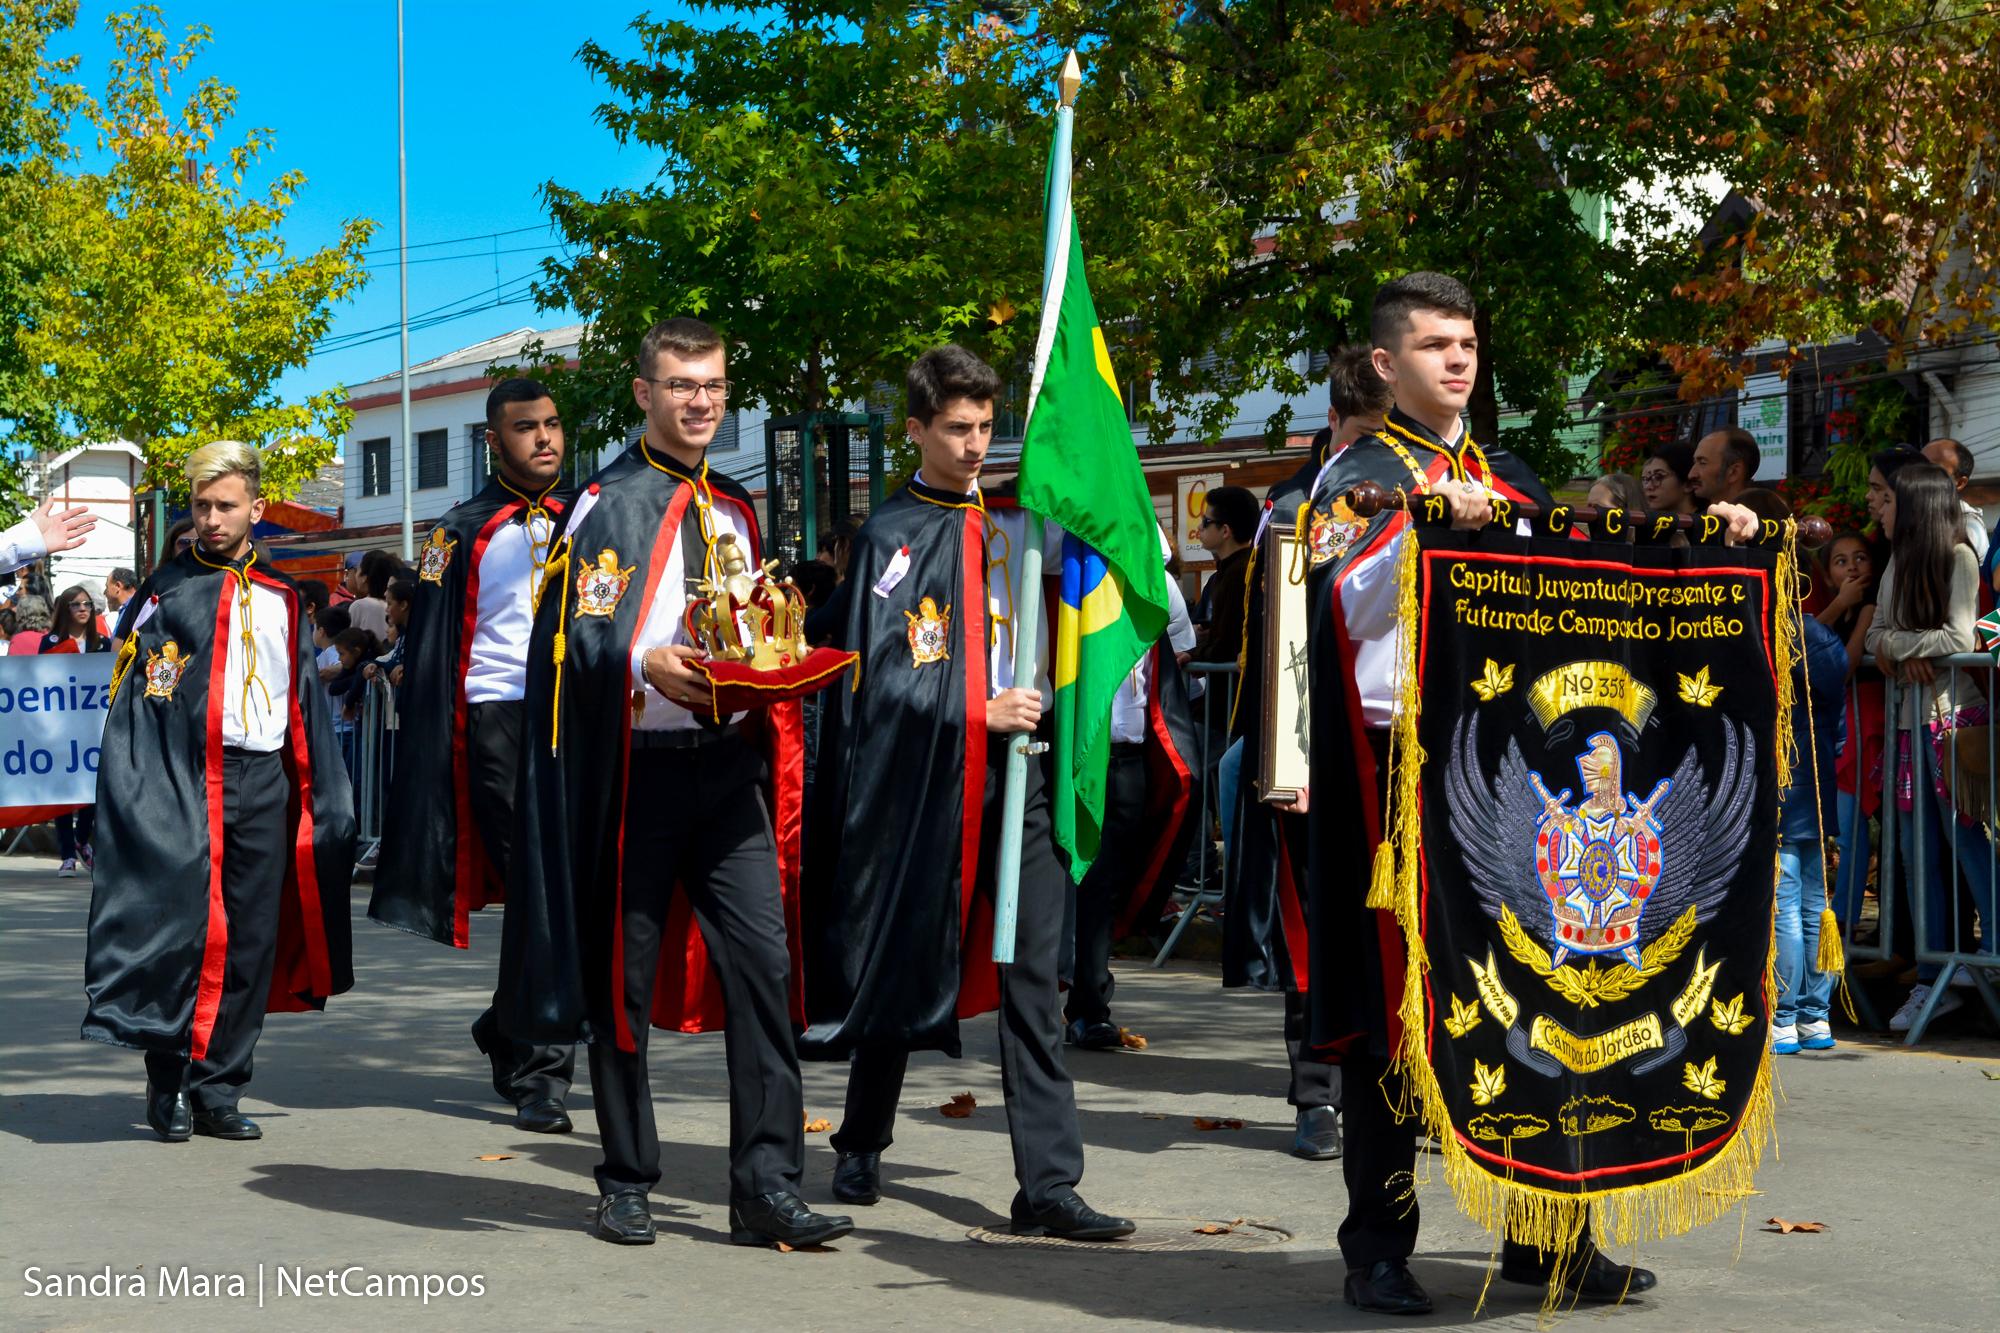 desfile-civico-campos-do-jordao-125